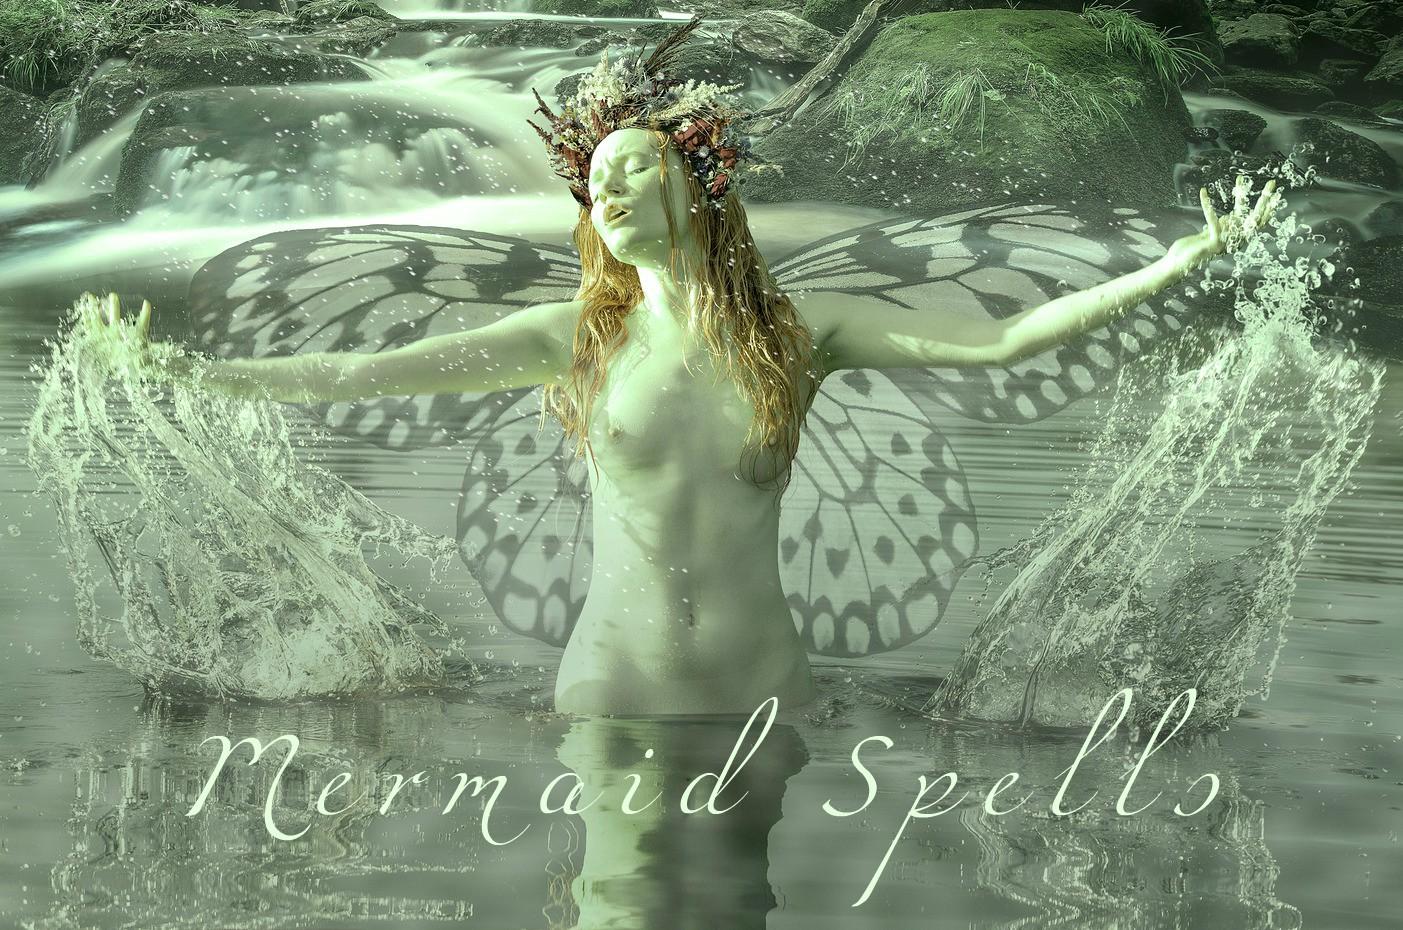 Mermaid Spells